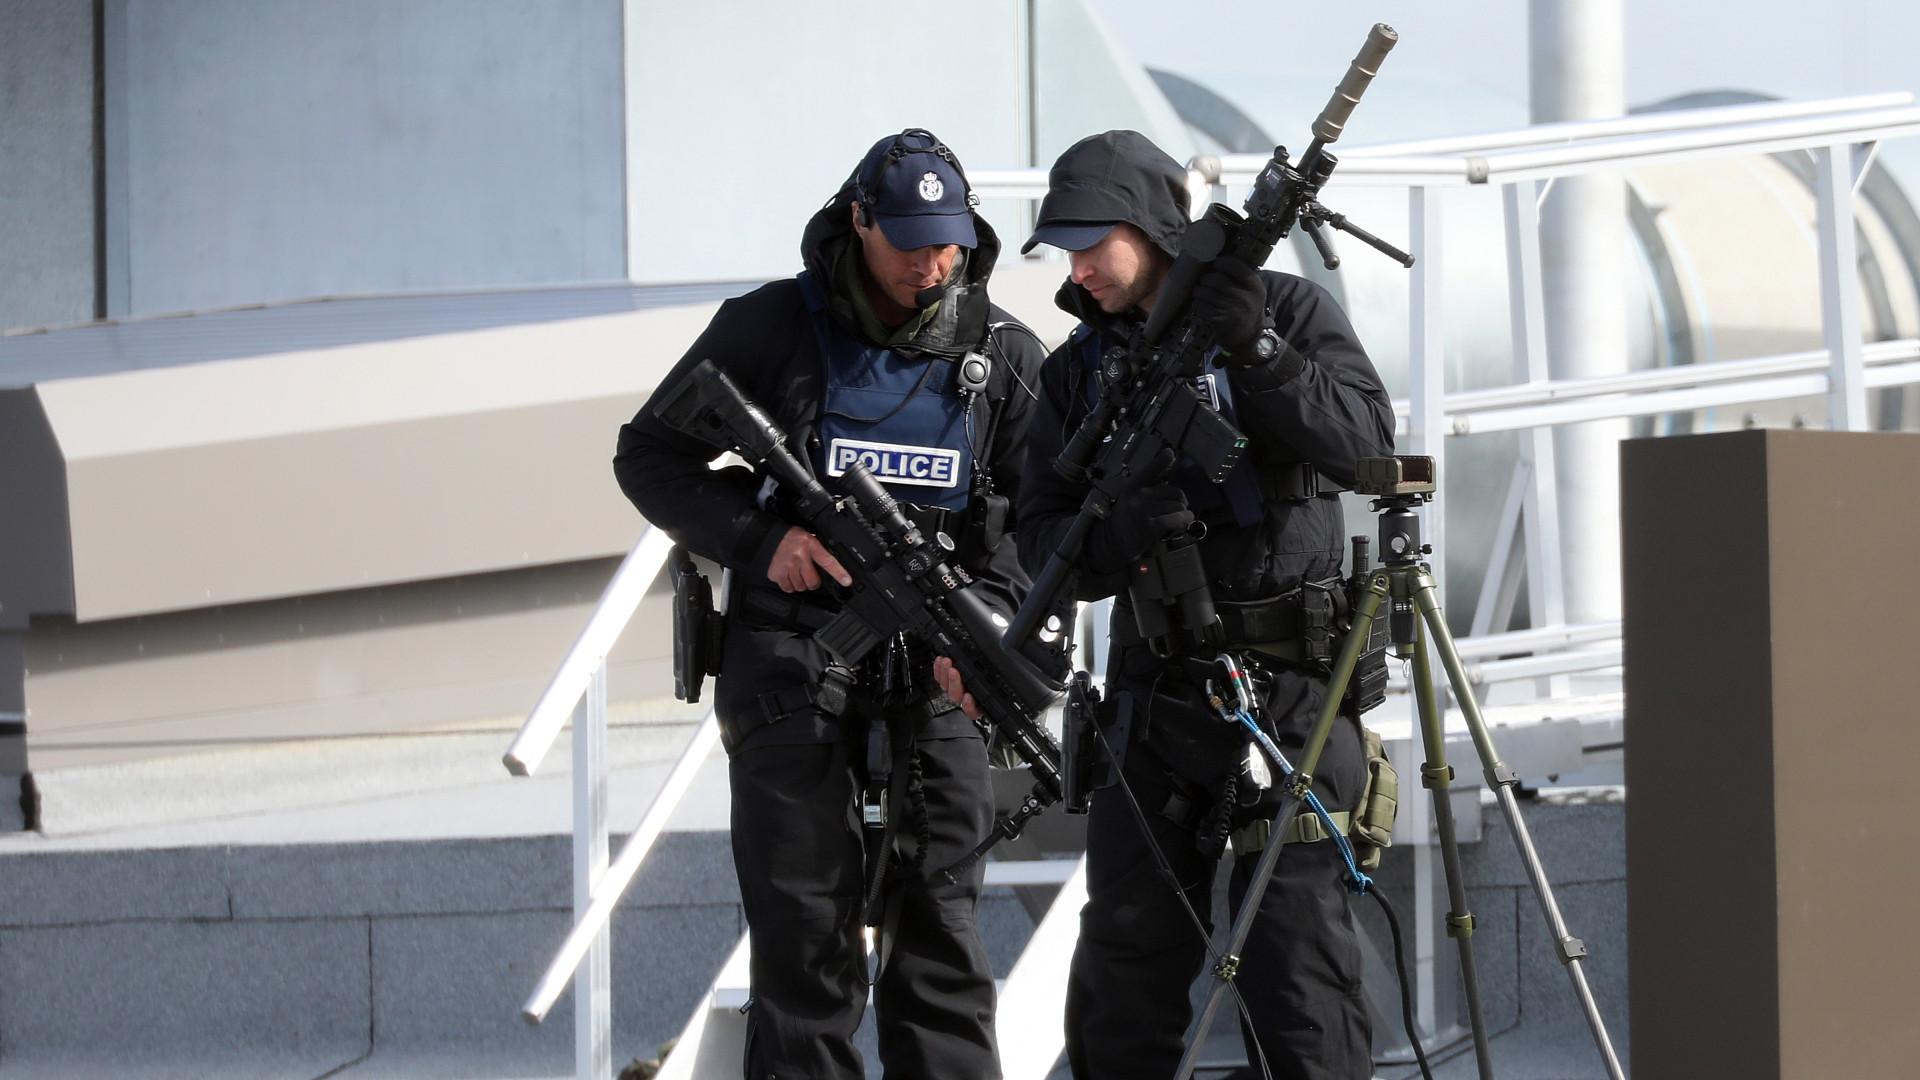 Eljött a globális terrorizmus ötödik hulláma? – Egyre több a szélsőjobboldali támadás